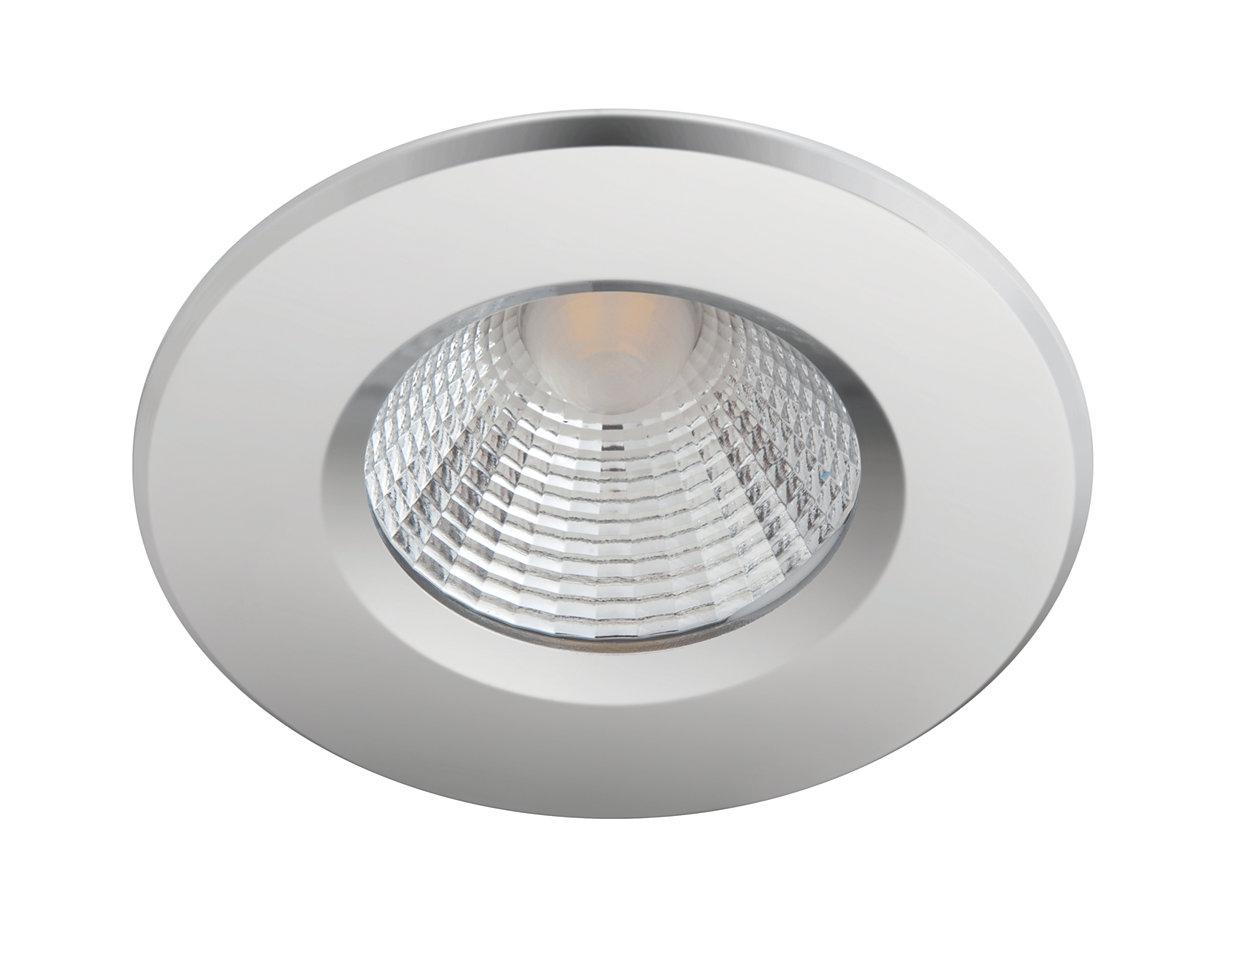 Crea l'atmosfera perfetta con una luce dimmerabile di alta qualità.